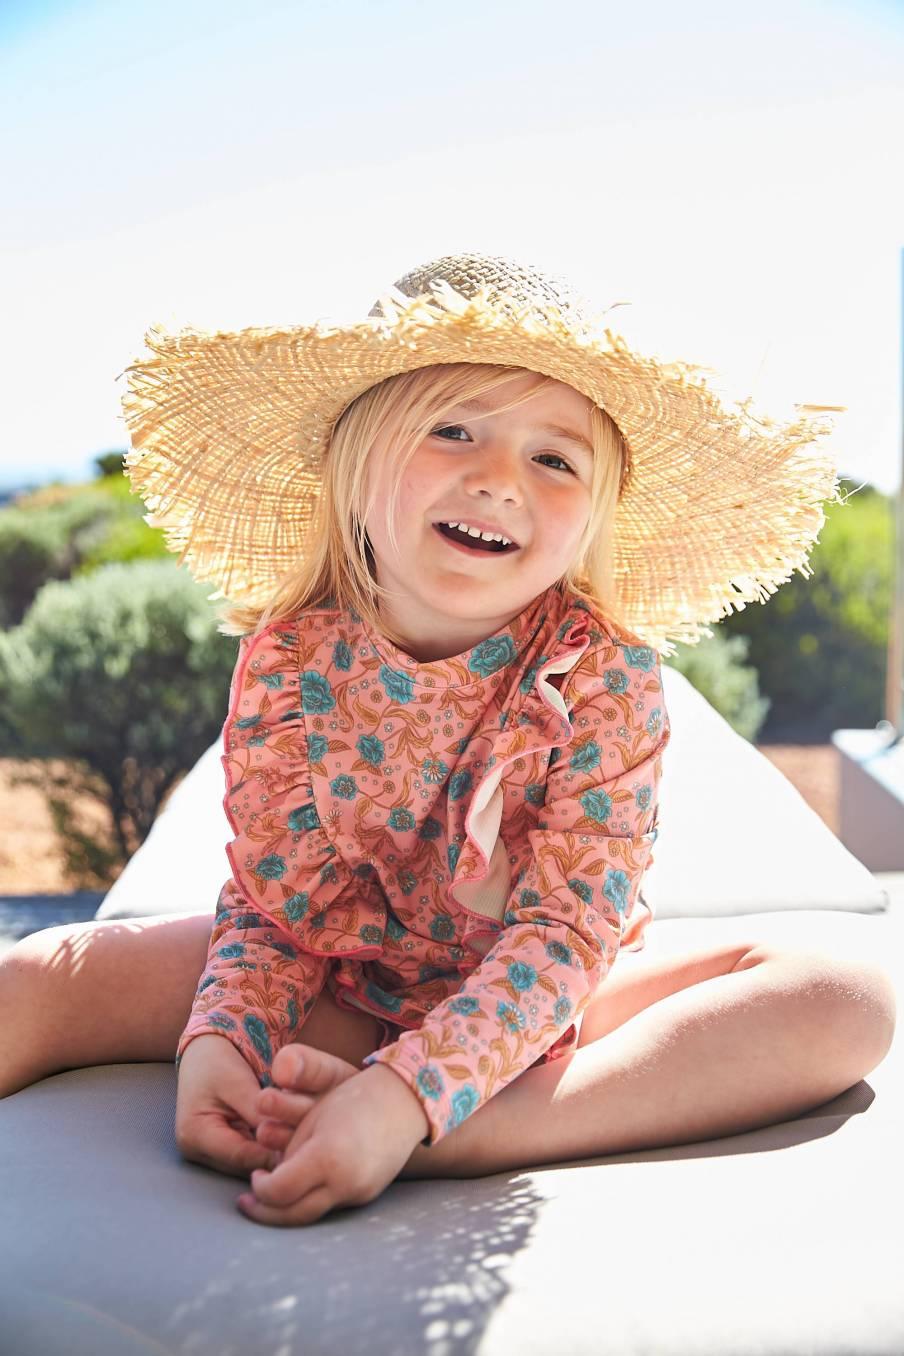 bathing suit bohème chic vintage  fille fleurie toluca